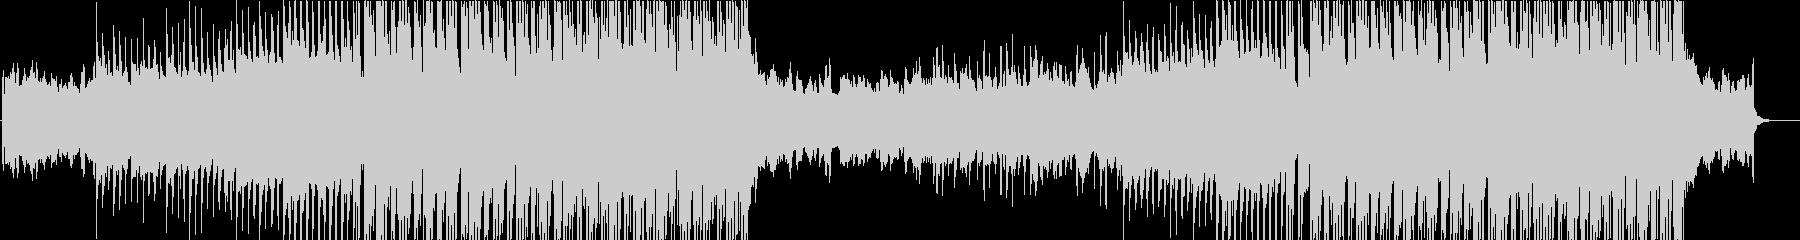 上昇するギターロック、EDM的シンセ展開の未再生の波形